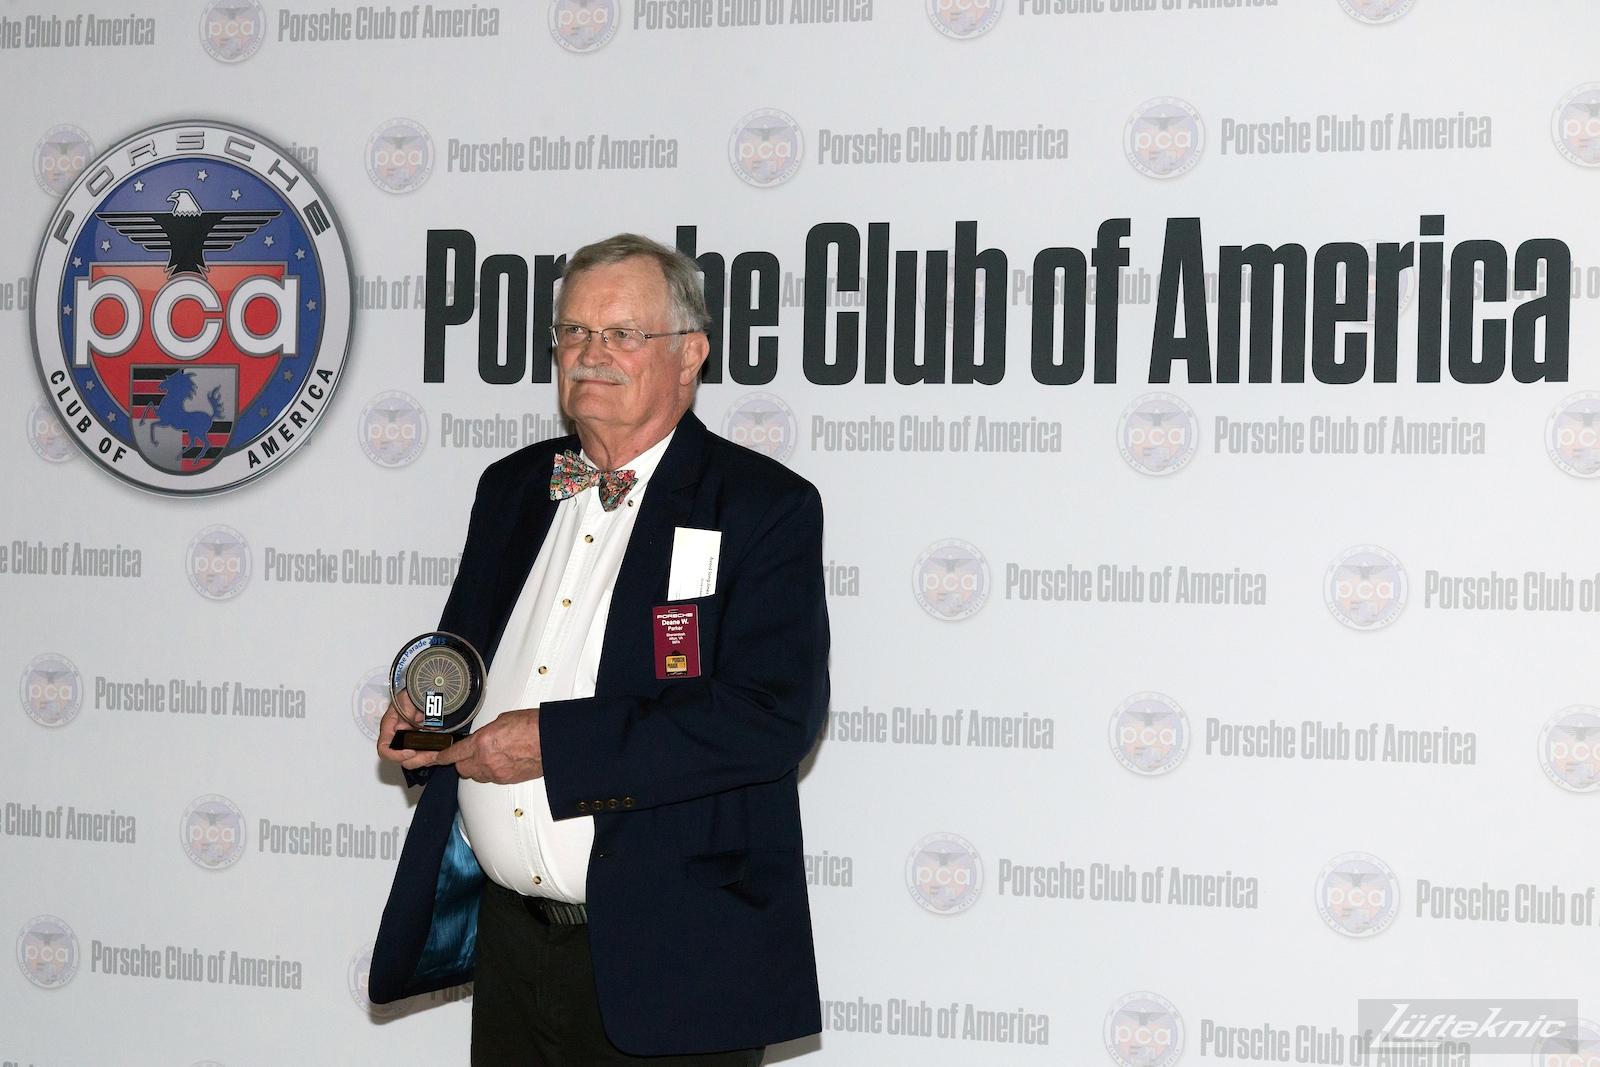 Deane receives his award at Porsche Parade